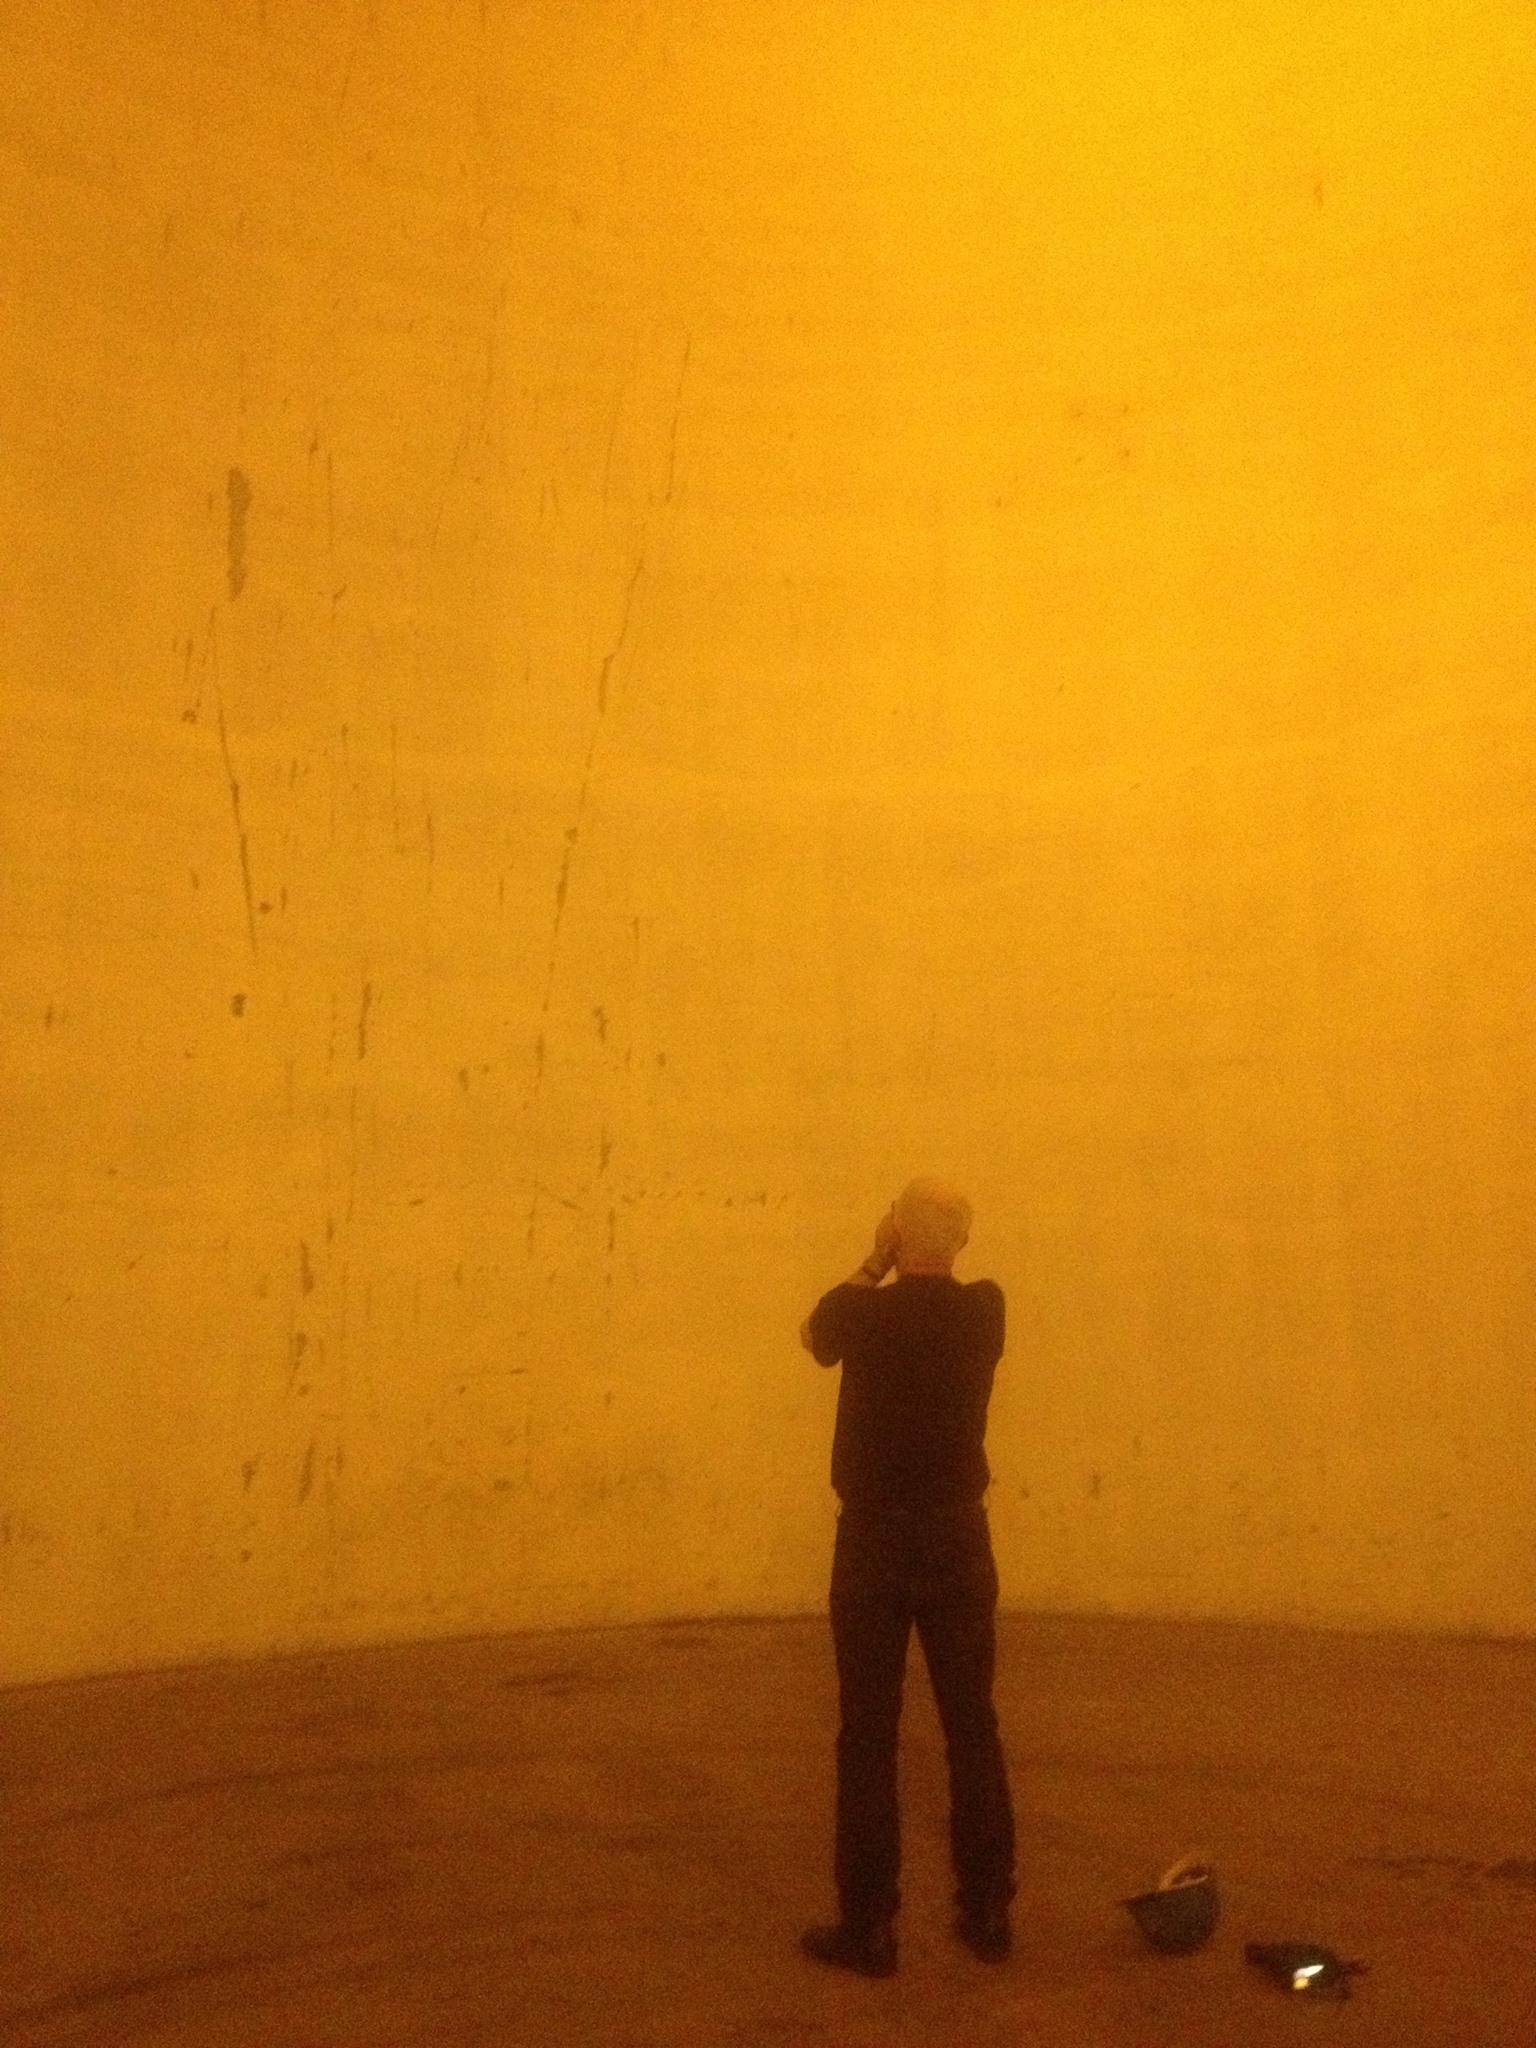 Collide@CERN Artist Bill Fontana